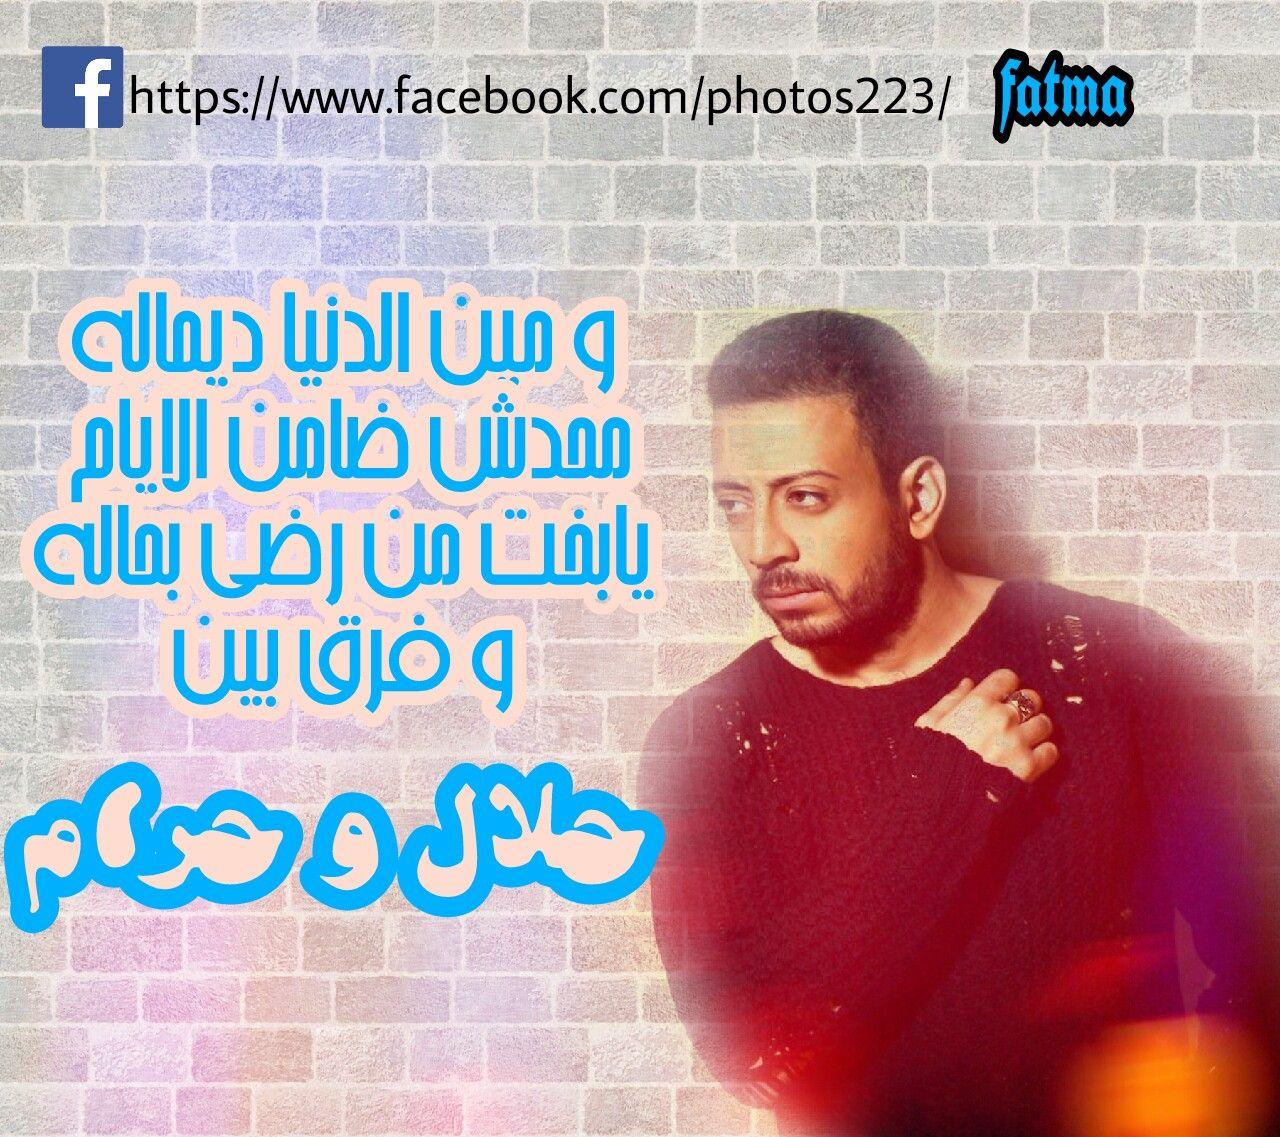 صورة كلمات نقابل ناس , اغنيه رائعه للفنان المصري لؤي